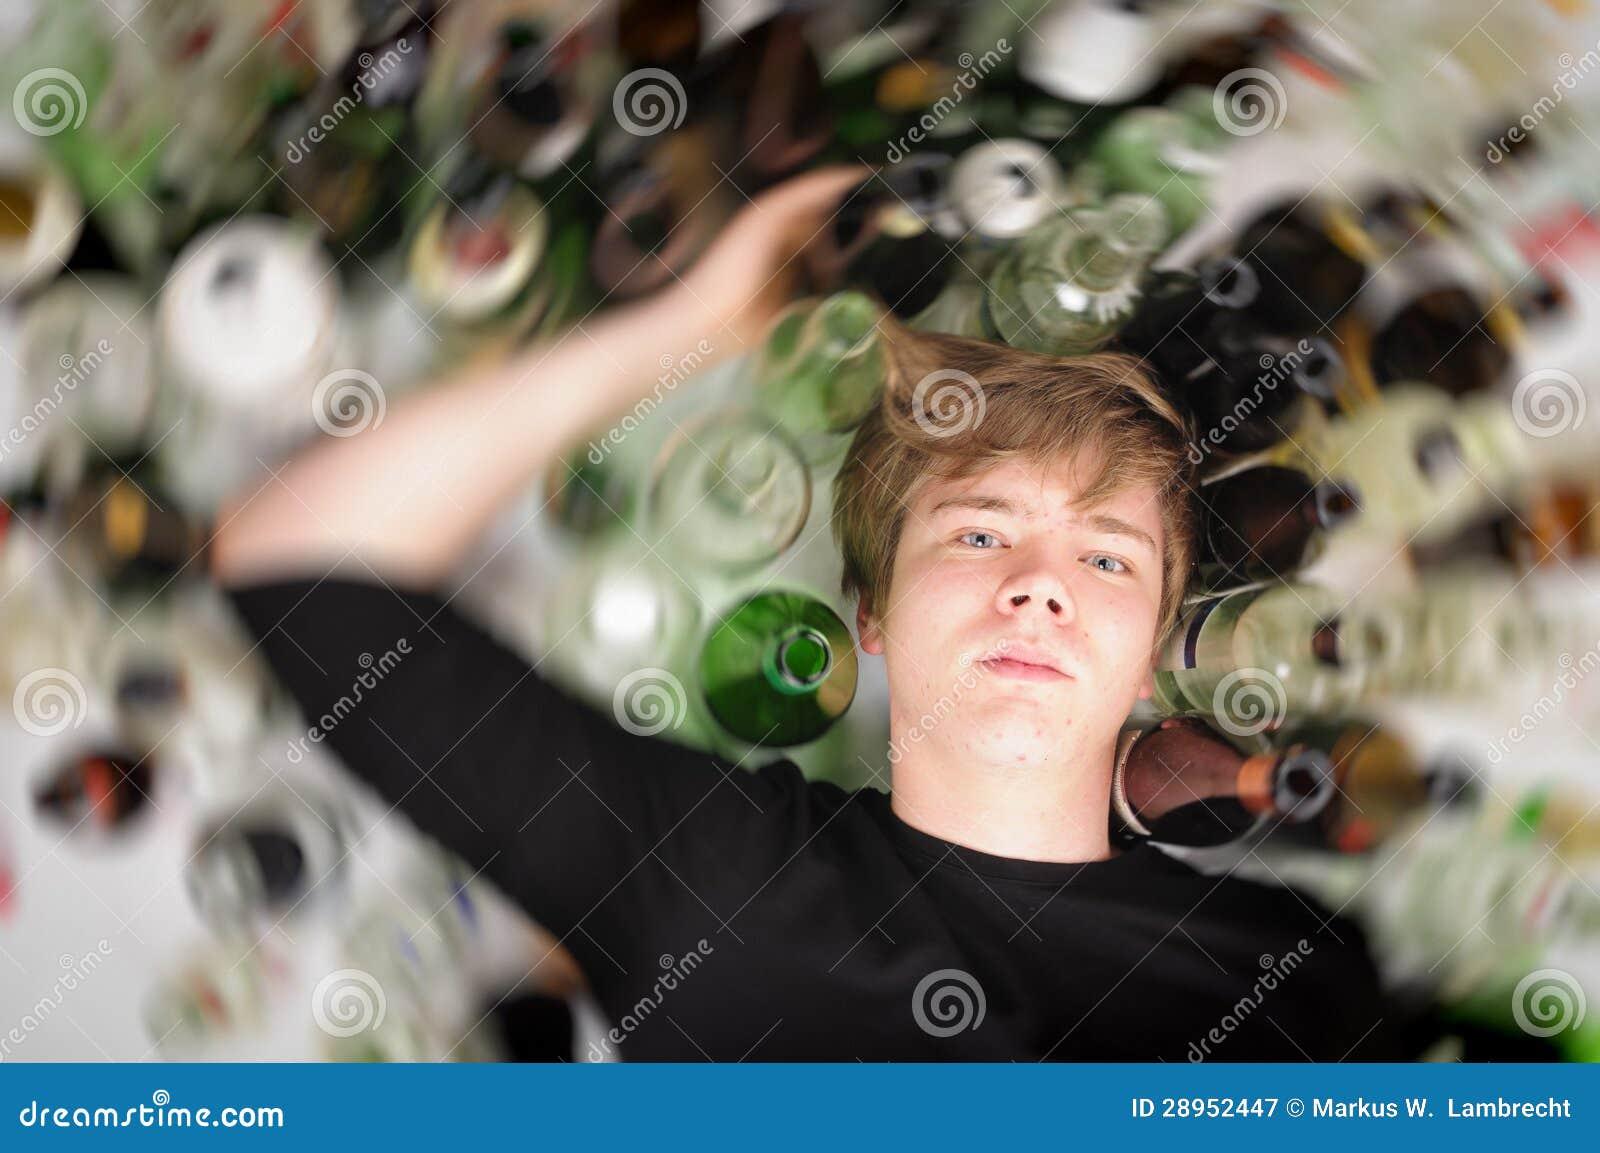 Osamotniony i desperacki - portret młodego człowieka mężczyzna z nałogów problemami